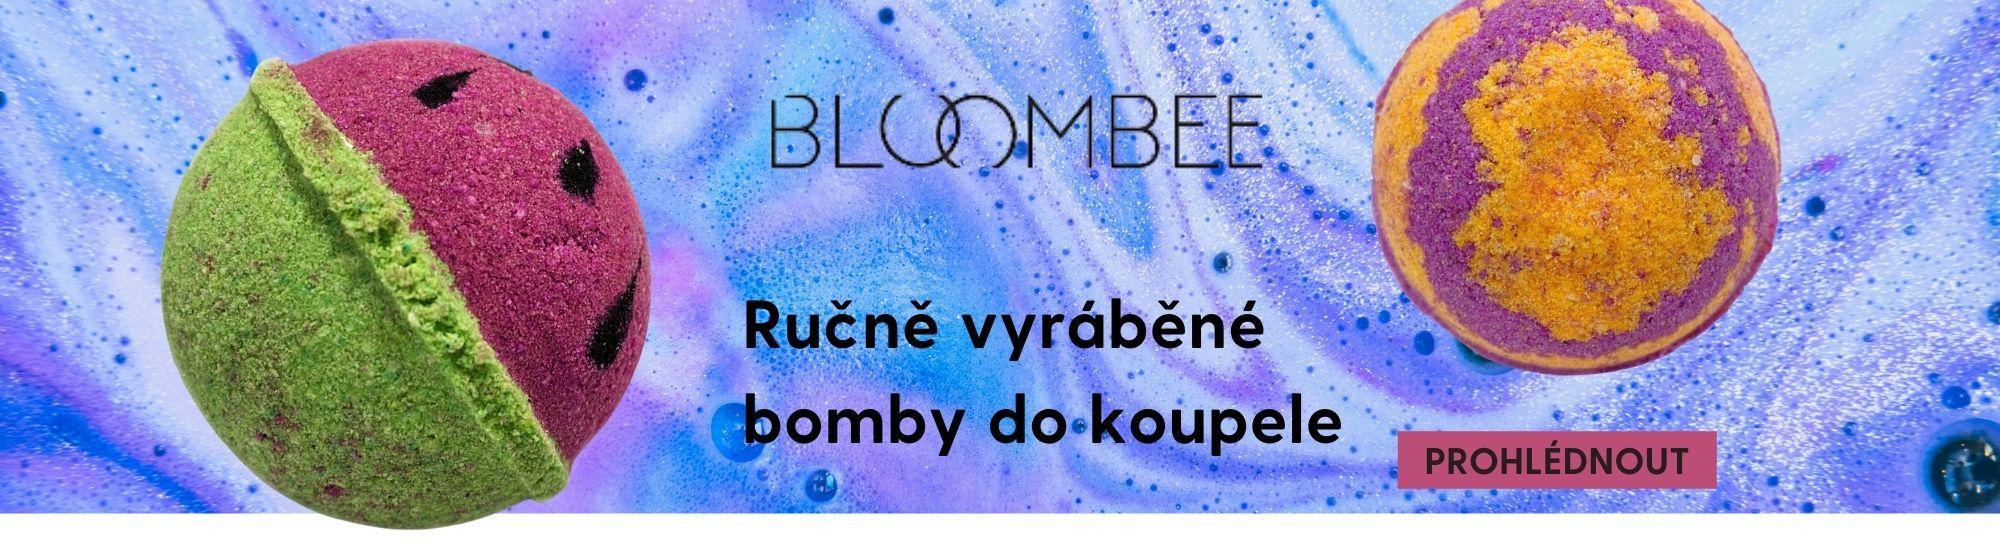 Blombee